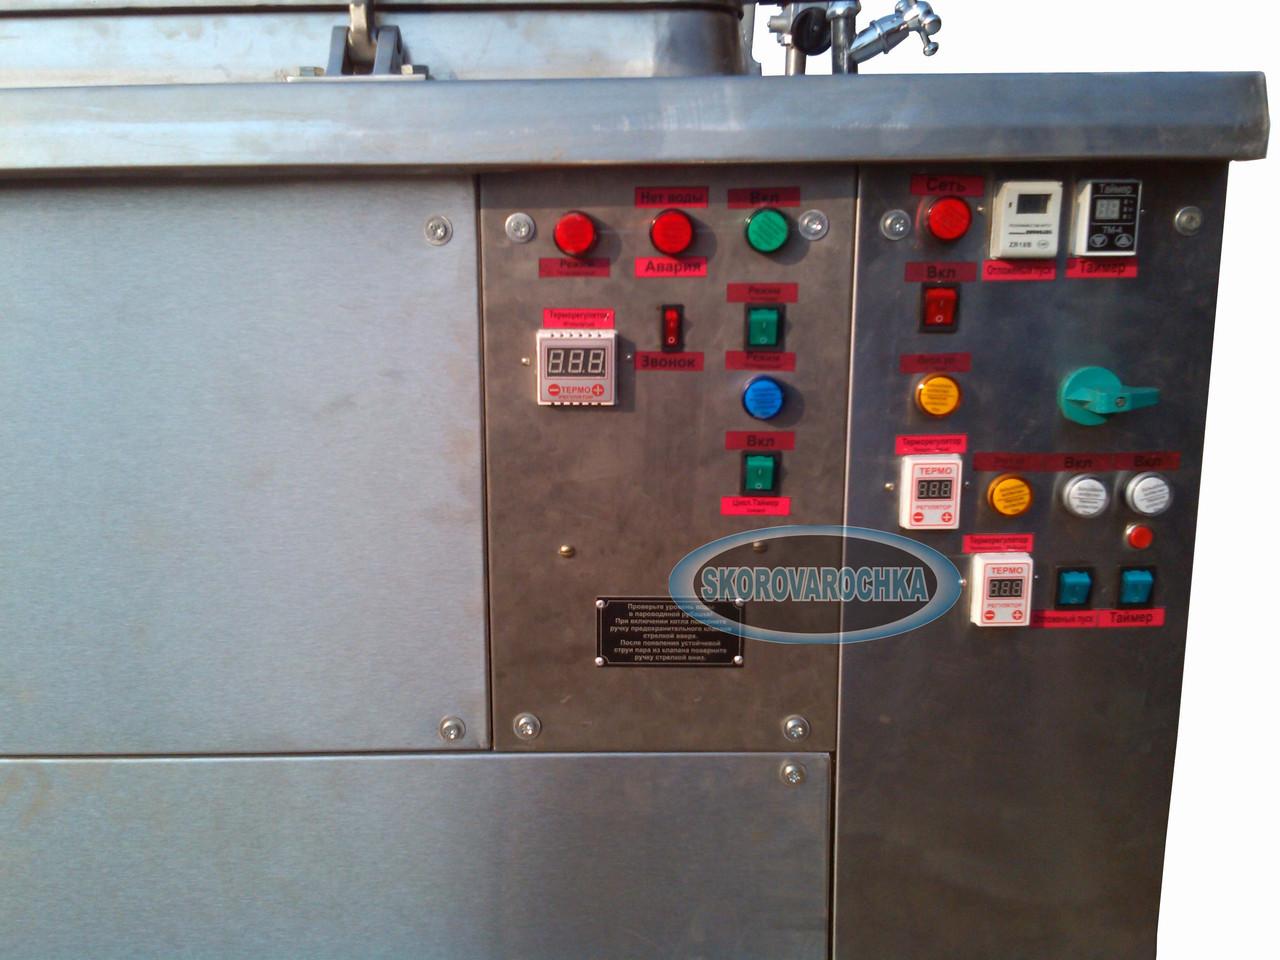 """Оборудование для переработки КЭ 160 Универсальный (Нержавейка) - """"SKOROVAROCHKA"""""""